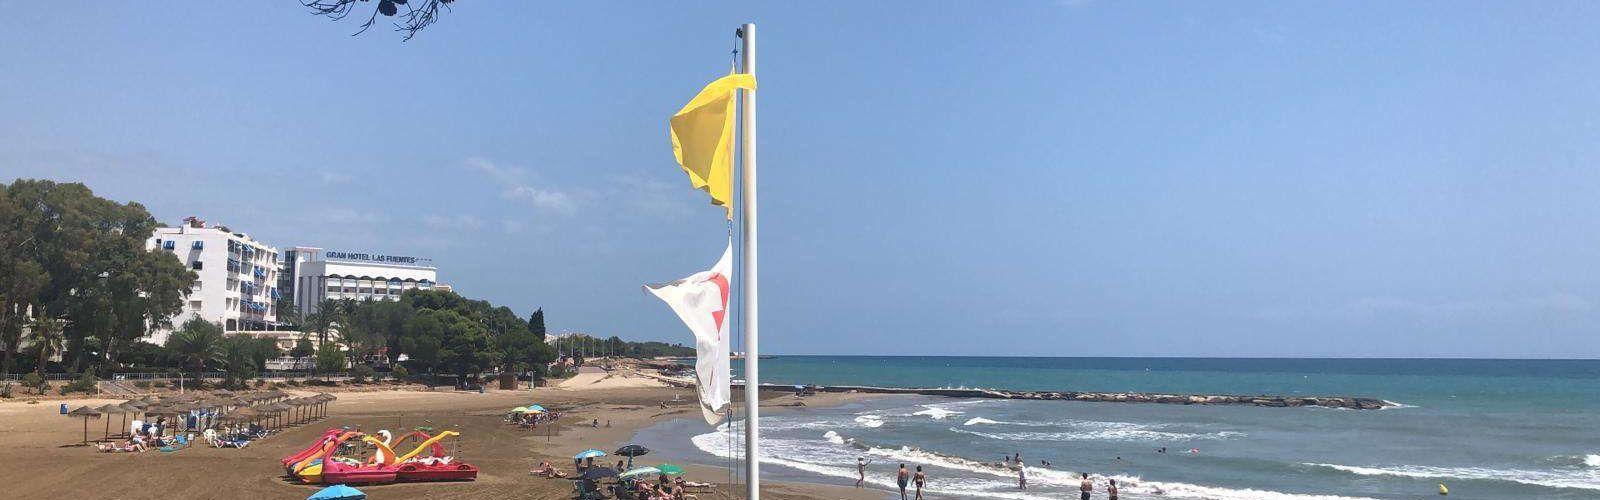 La platja de Les Fonts d'Alcossebre s'obri al bany, rere solucionar la seua contaminació